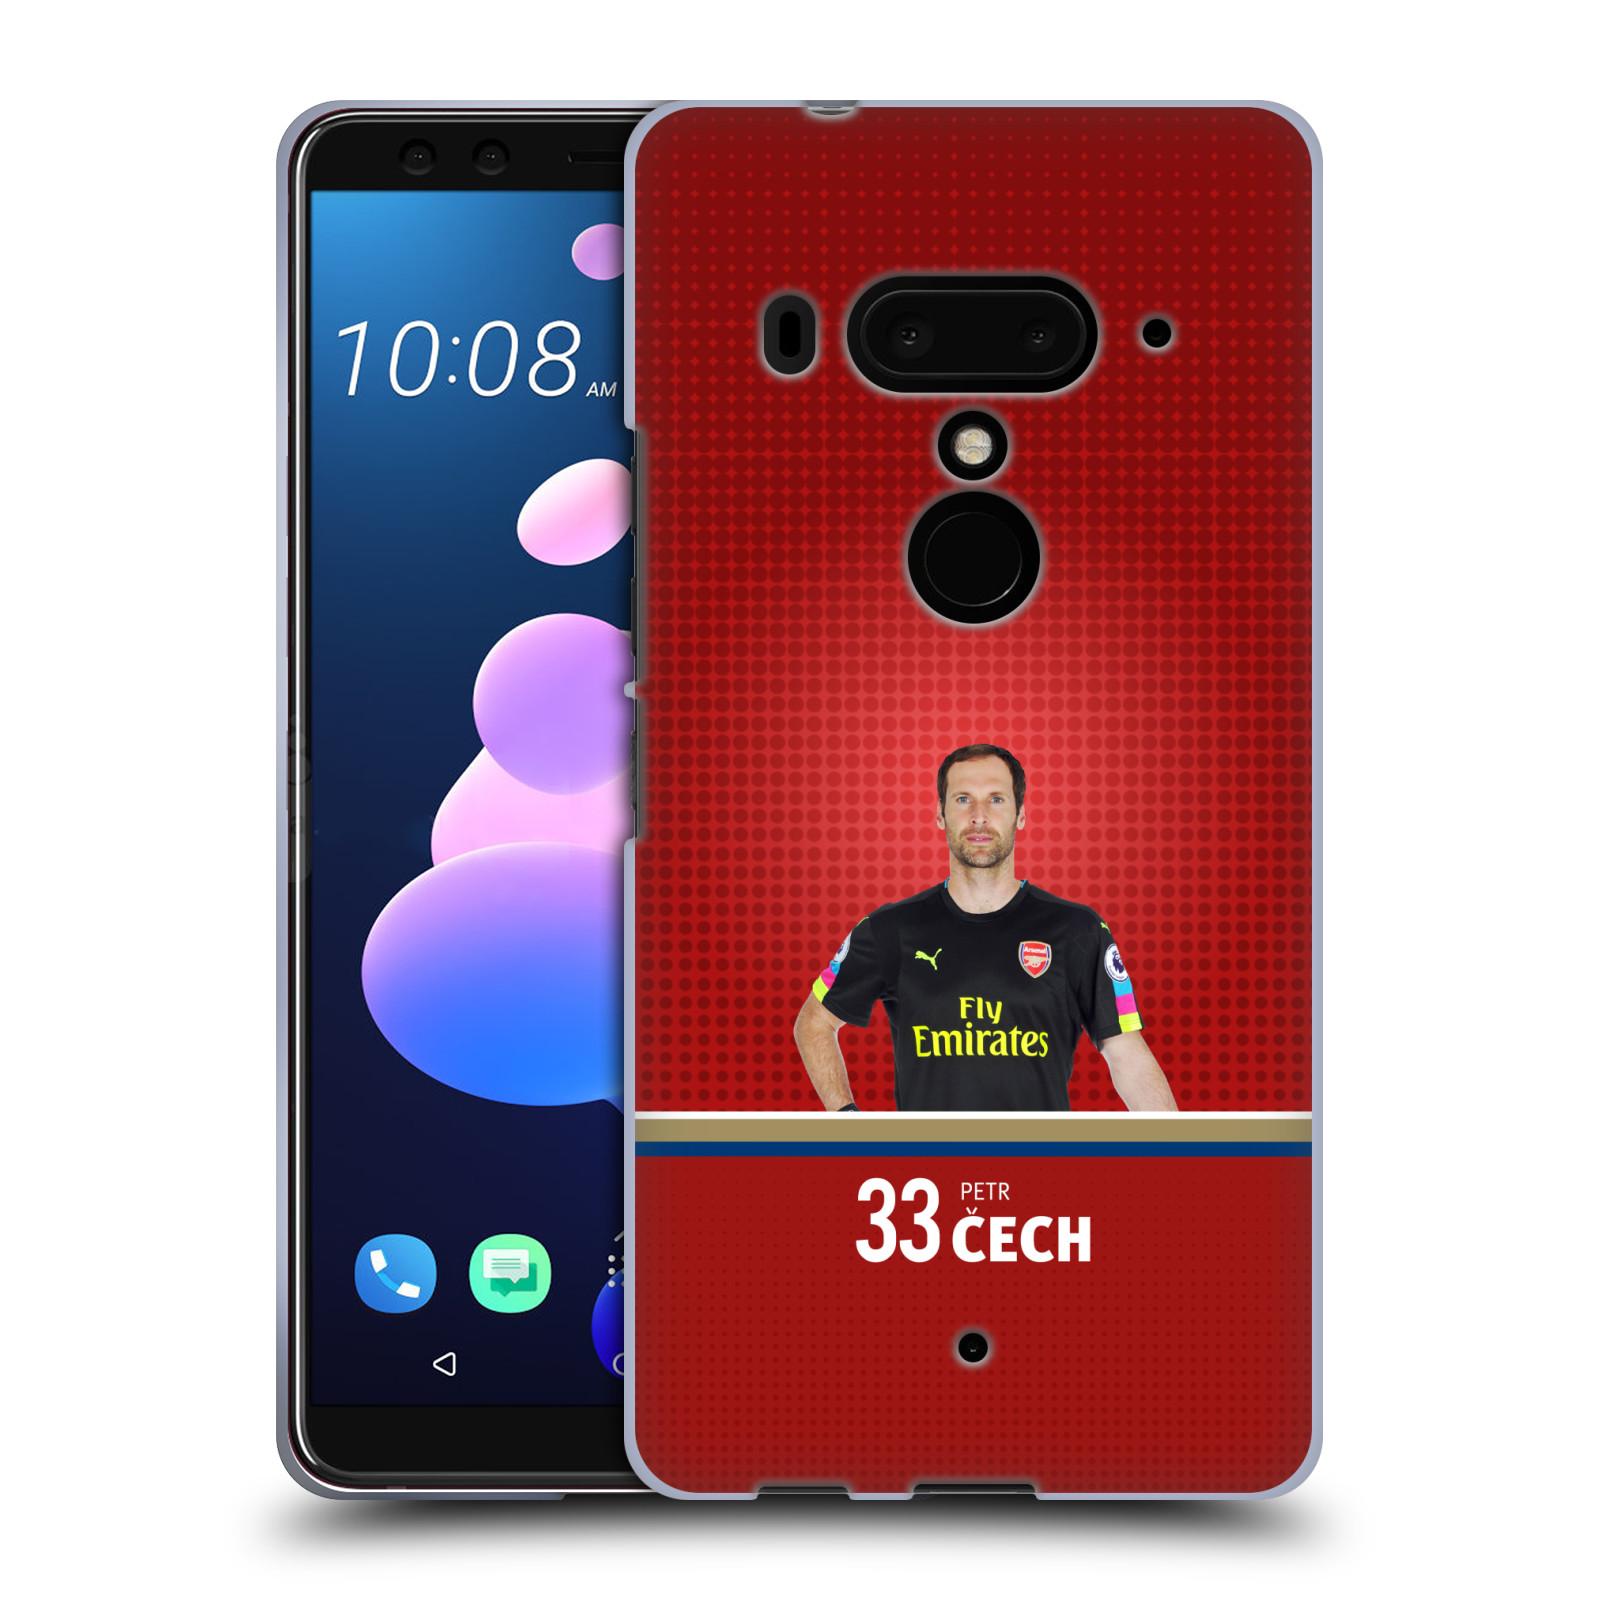 Silikonové pouzdro na mobil HTC U12 Plus - Head Case - Arsenal FC - Petr Čech